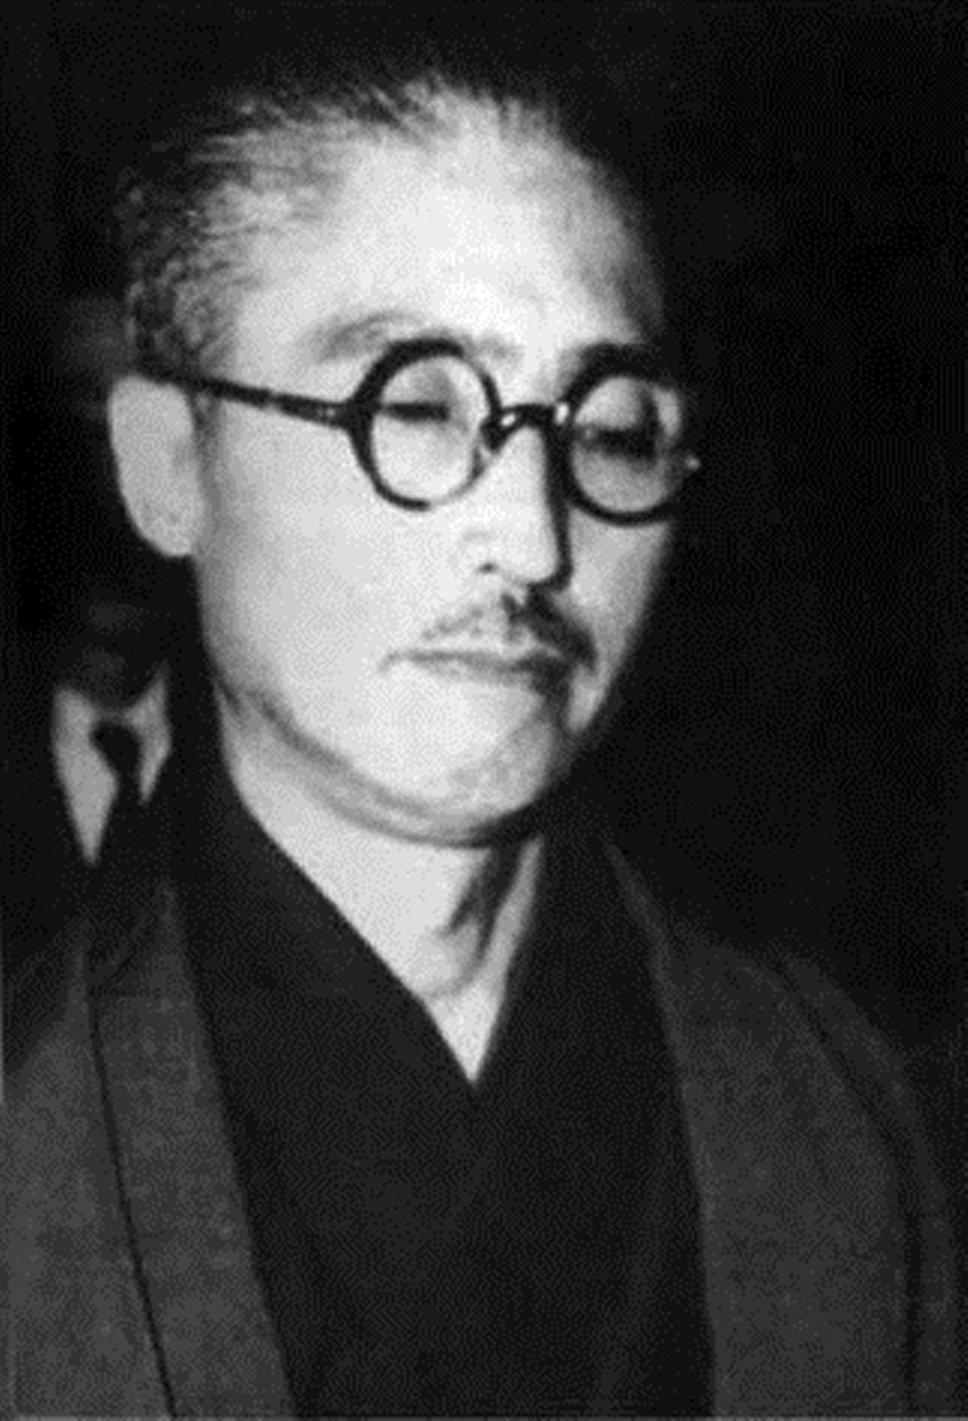 Художник Садамити Хирасава написал много хороших картин и совершил одно почти идеальное преступление